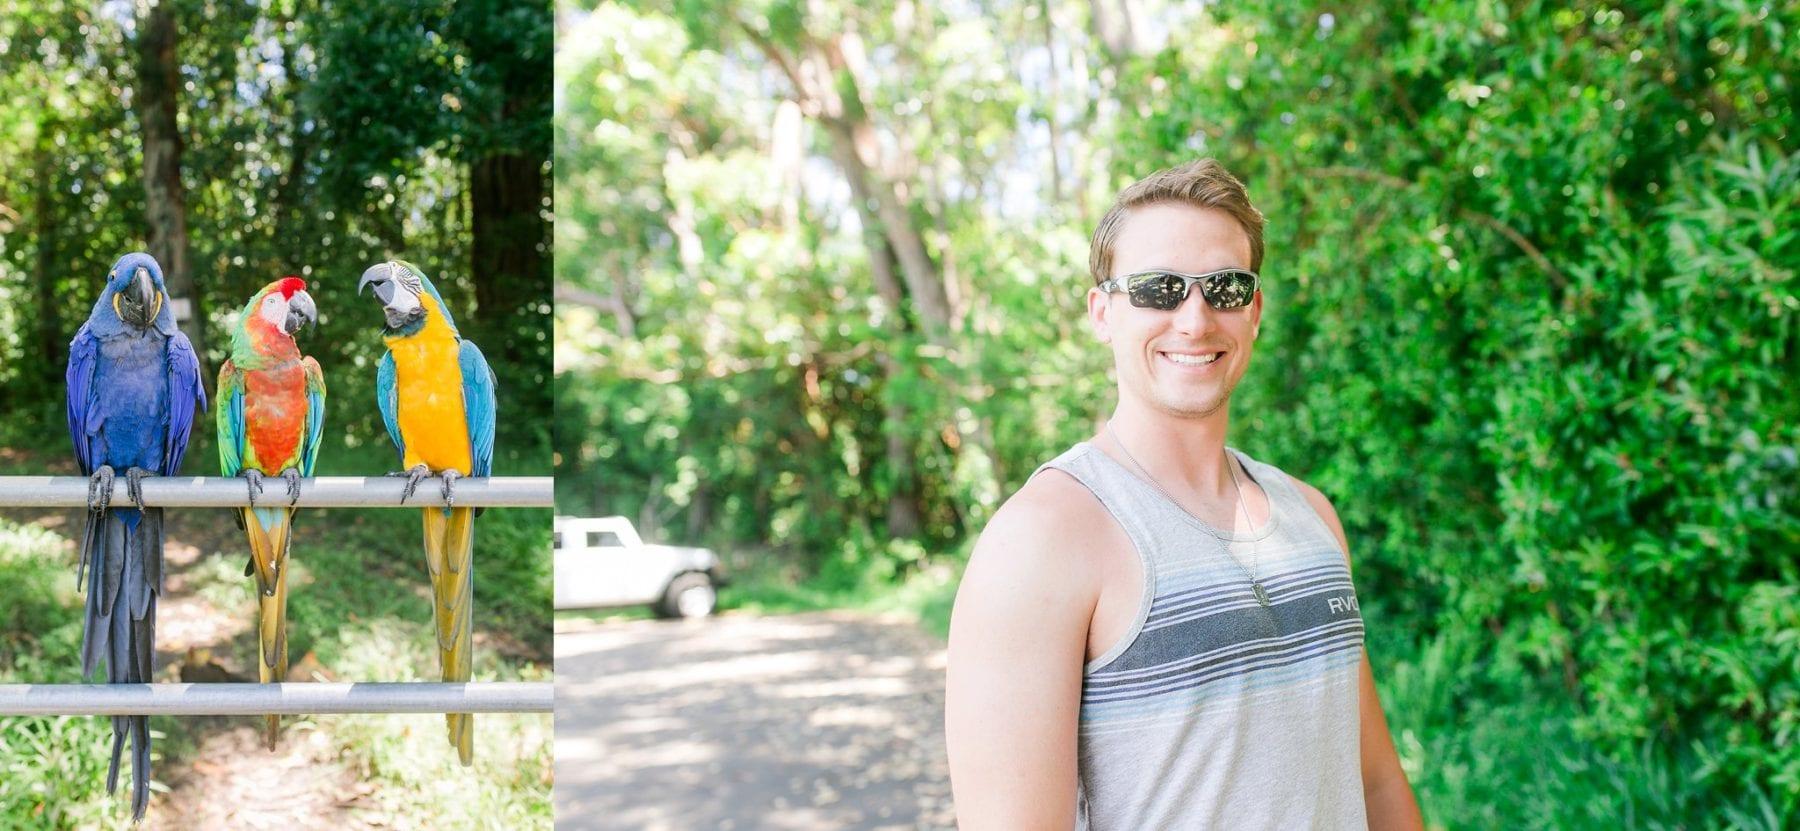 Justin & Megan Hawaiian Honeymoon Maui Oahu Vacation Photos--20.jpg